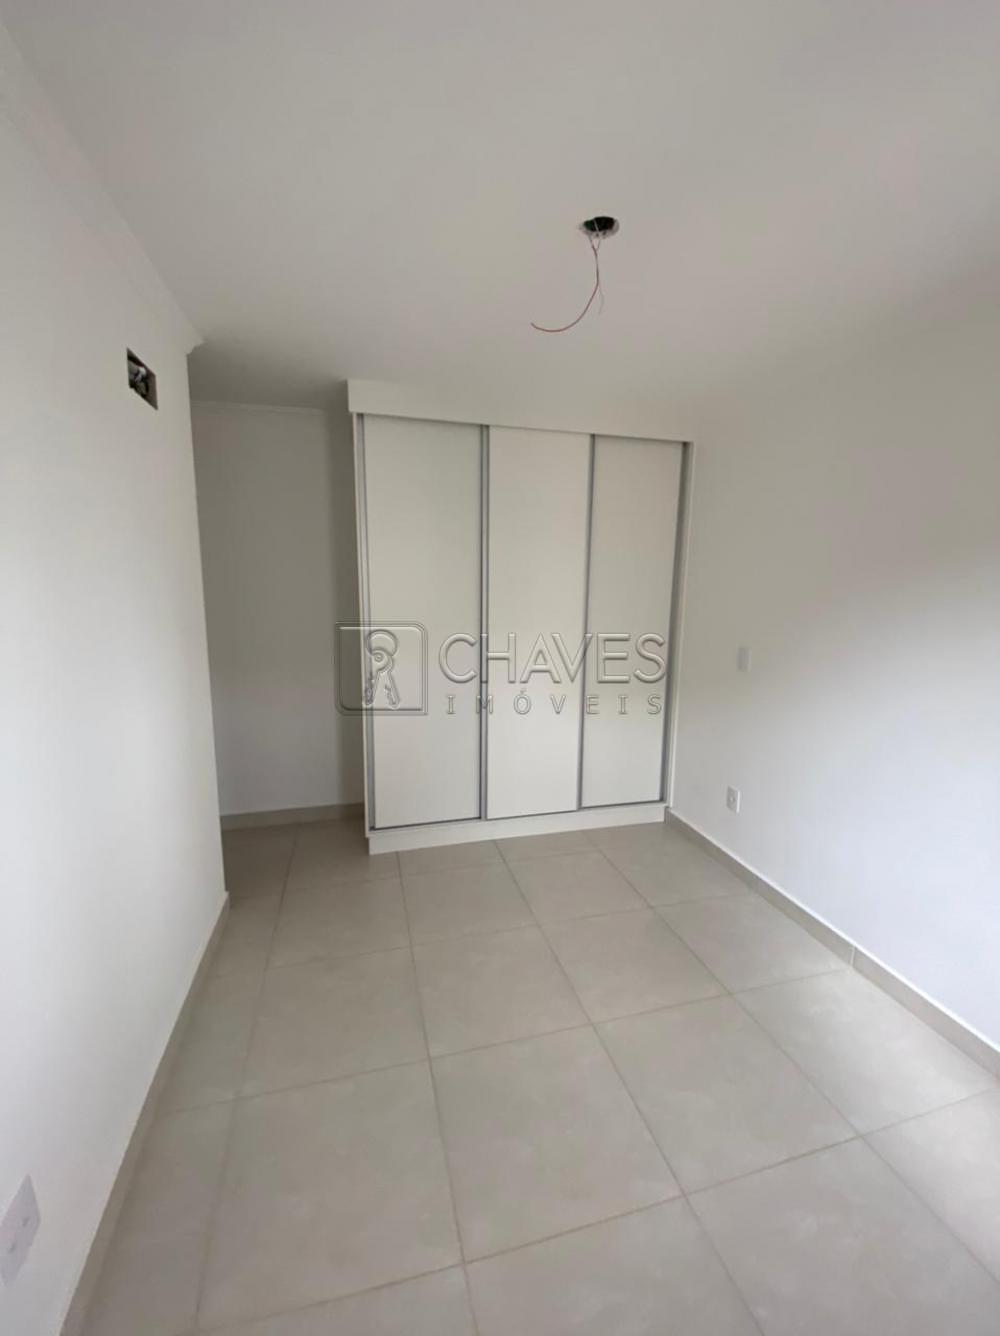 Comprar Apartamento / Padrão em Ribeirão Preto R$ 420.000,00 - Foto 11